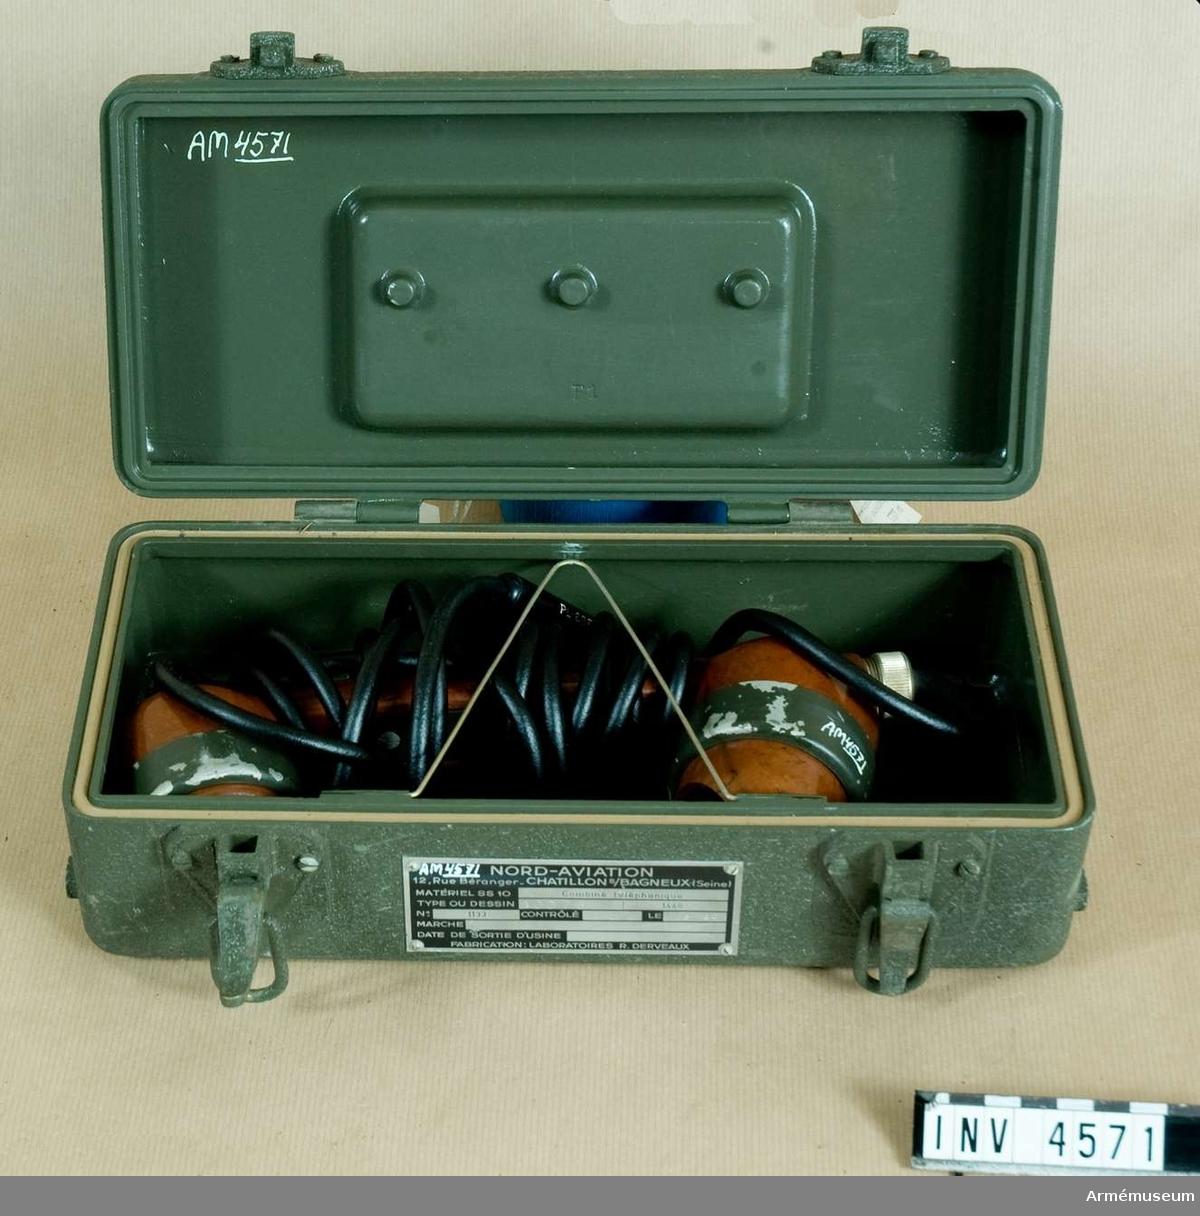 Telefonapparat 853 t pansarvärnsrobot SS 11.Består av: 1 telefonapparat, 1 transportlåda av aluminium, l: 300 mm, b: 150 mm, h:100 mm, vikt: 2,2 kg.Kabellängd: 2950 mm. (M 3926-853010).